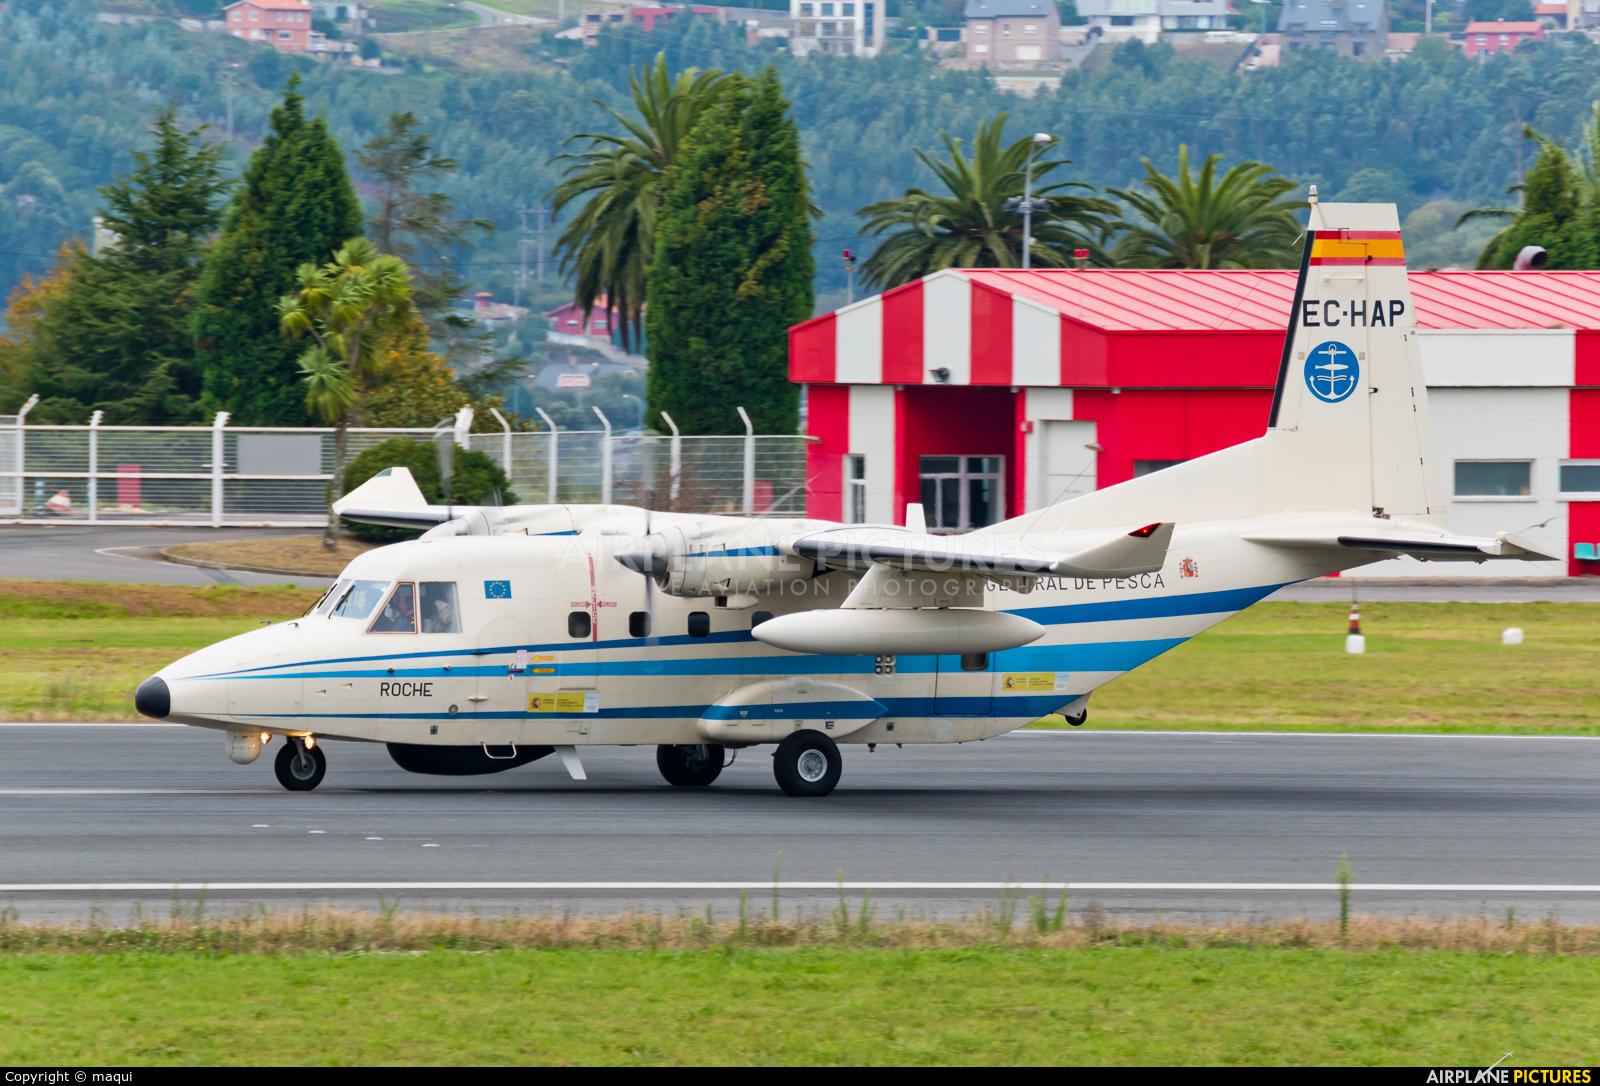 Spain - Government EC-HAP aircraft at La Coruña